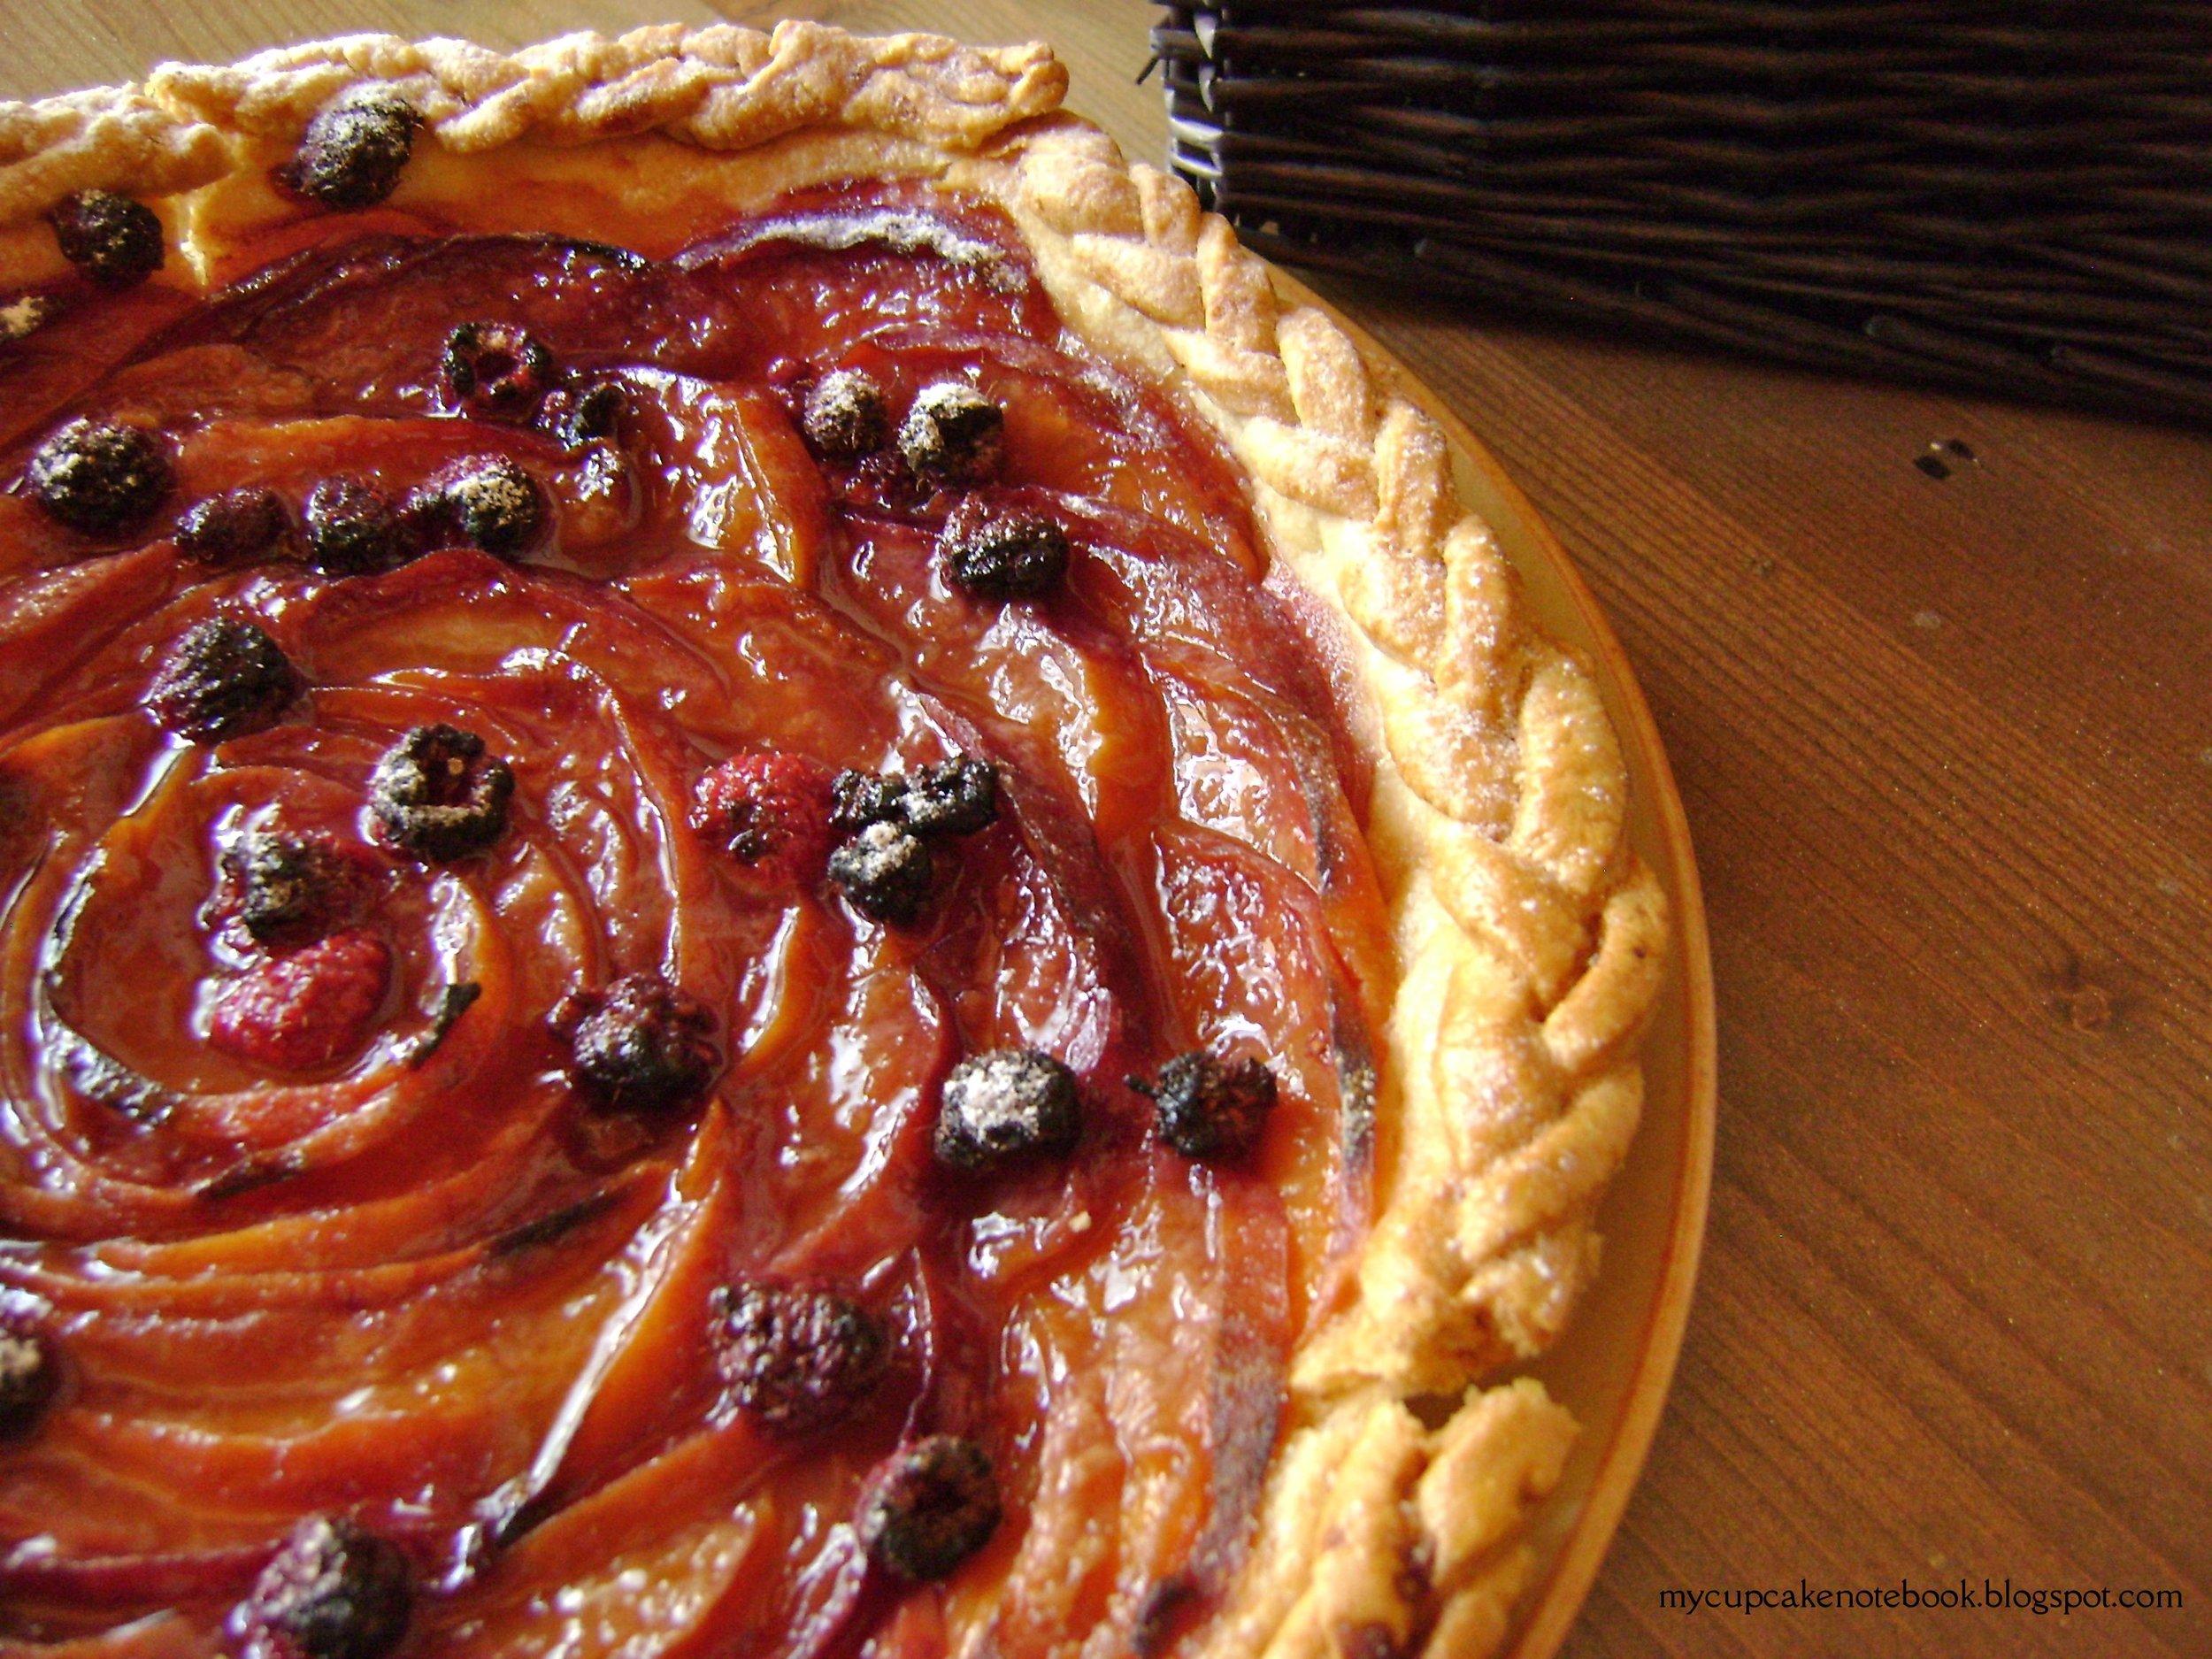 Tarta de nectarinas y frambuesas6.jpg